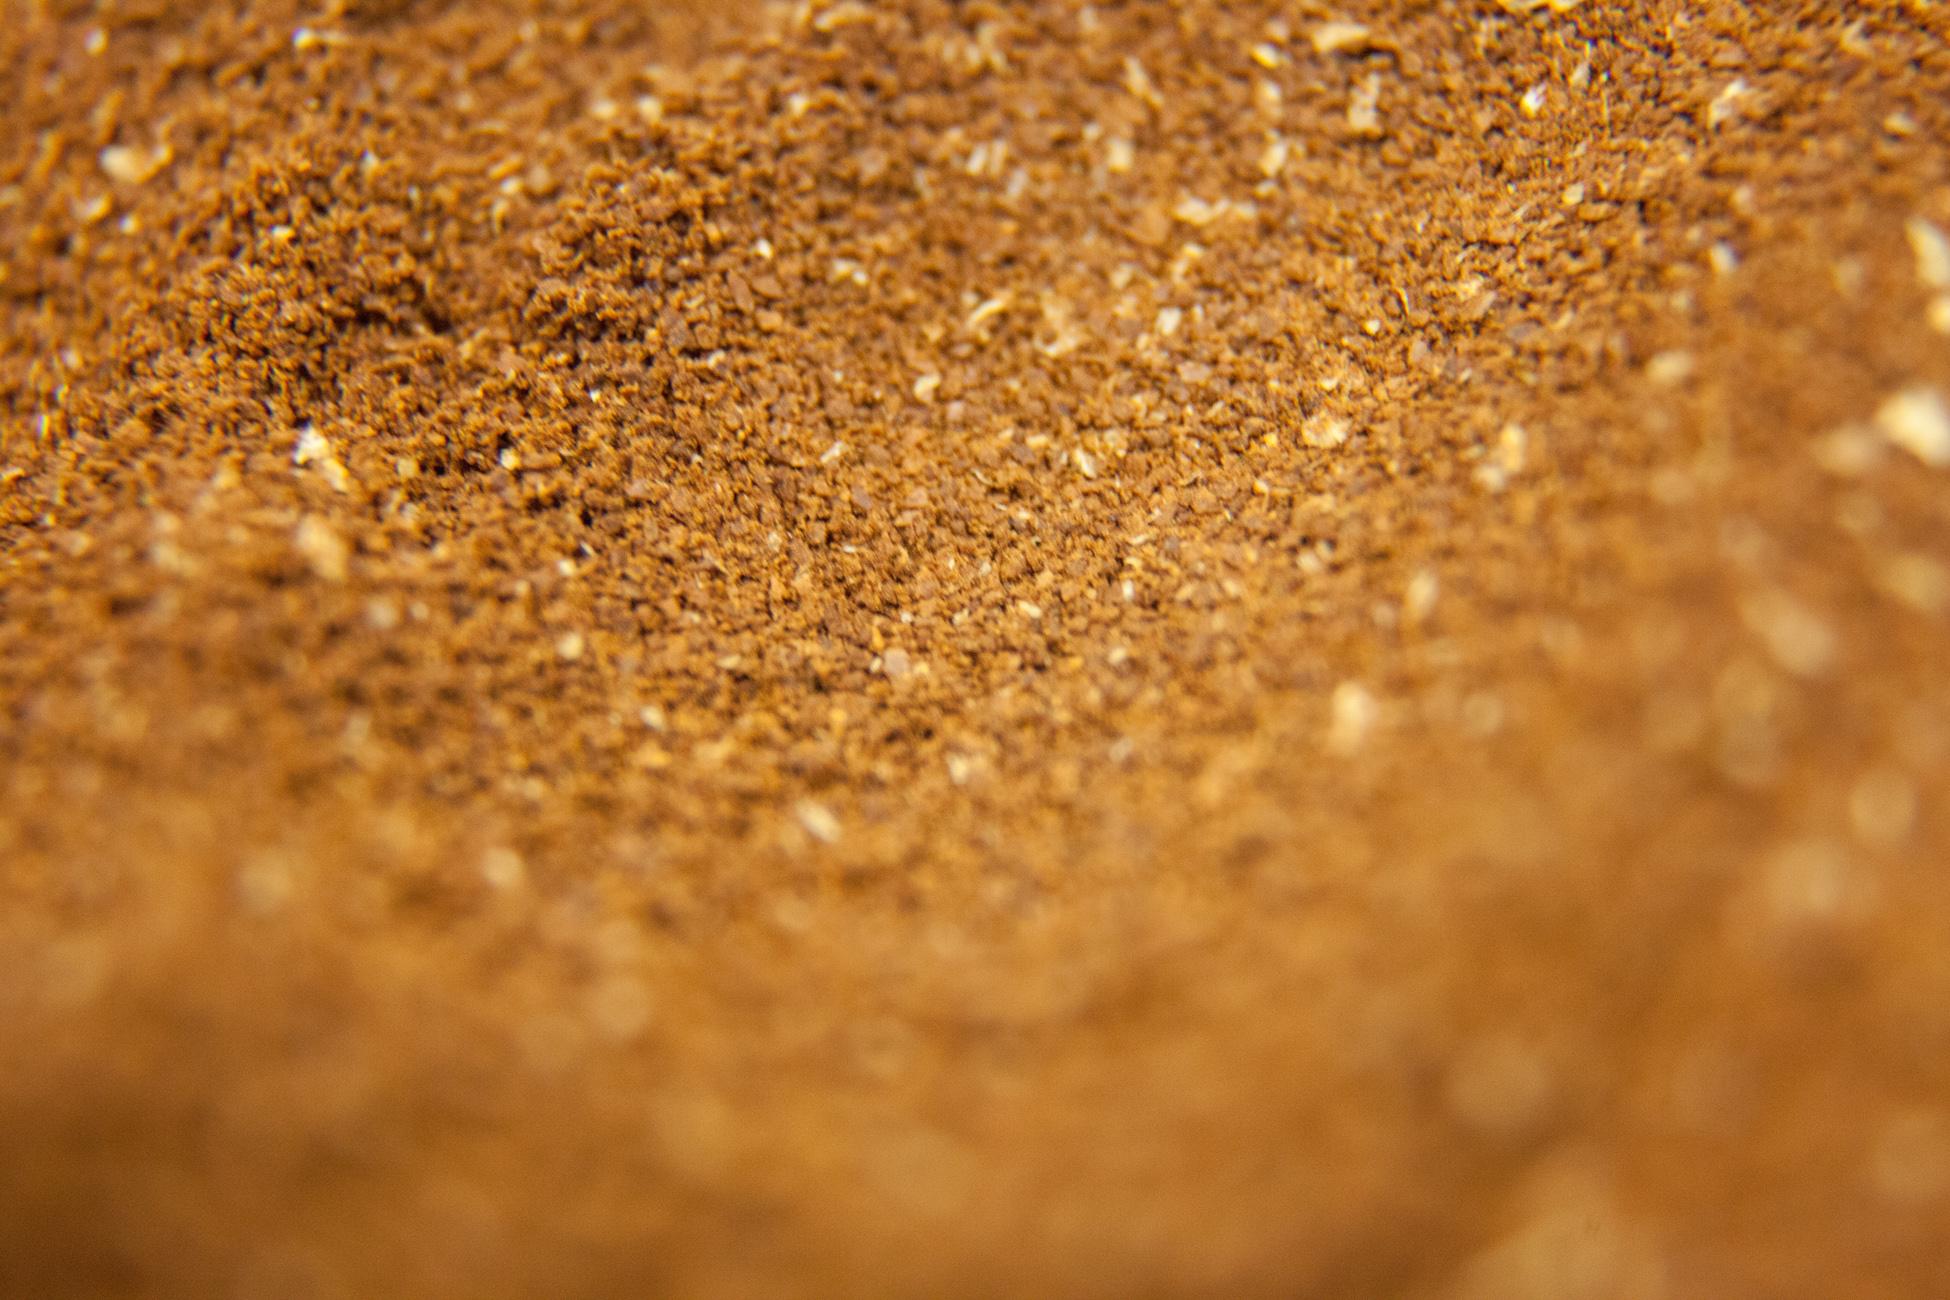 Le trésor de la maison Caron, c'est son café moulu...